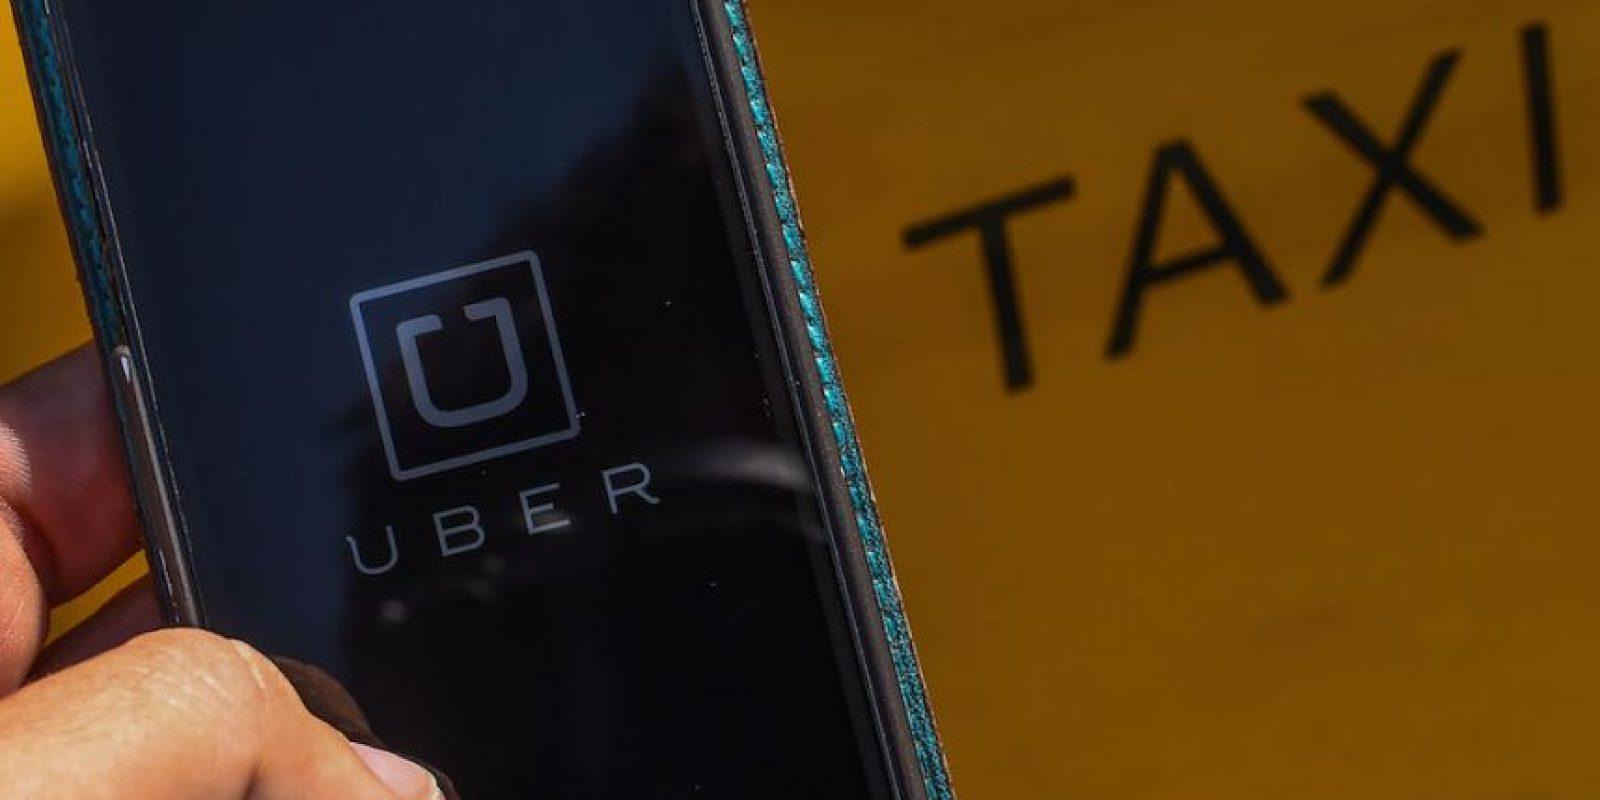 No existe una opción específica para eliminar su cuenta. Para tratar de hacerlo, deben enviar un correo a support@uber.com con su nombre, correo electrónico y ciudad donde utilizan el servicio pidiendo borrar lo que necesitan. Foto:Getty Images